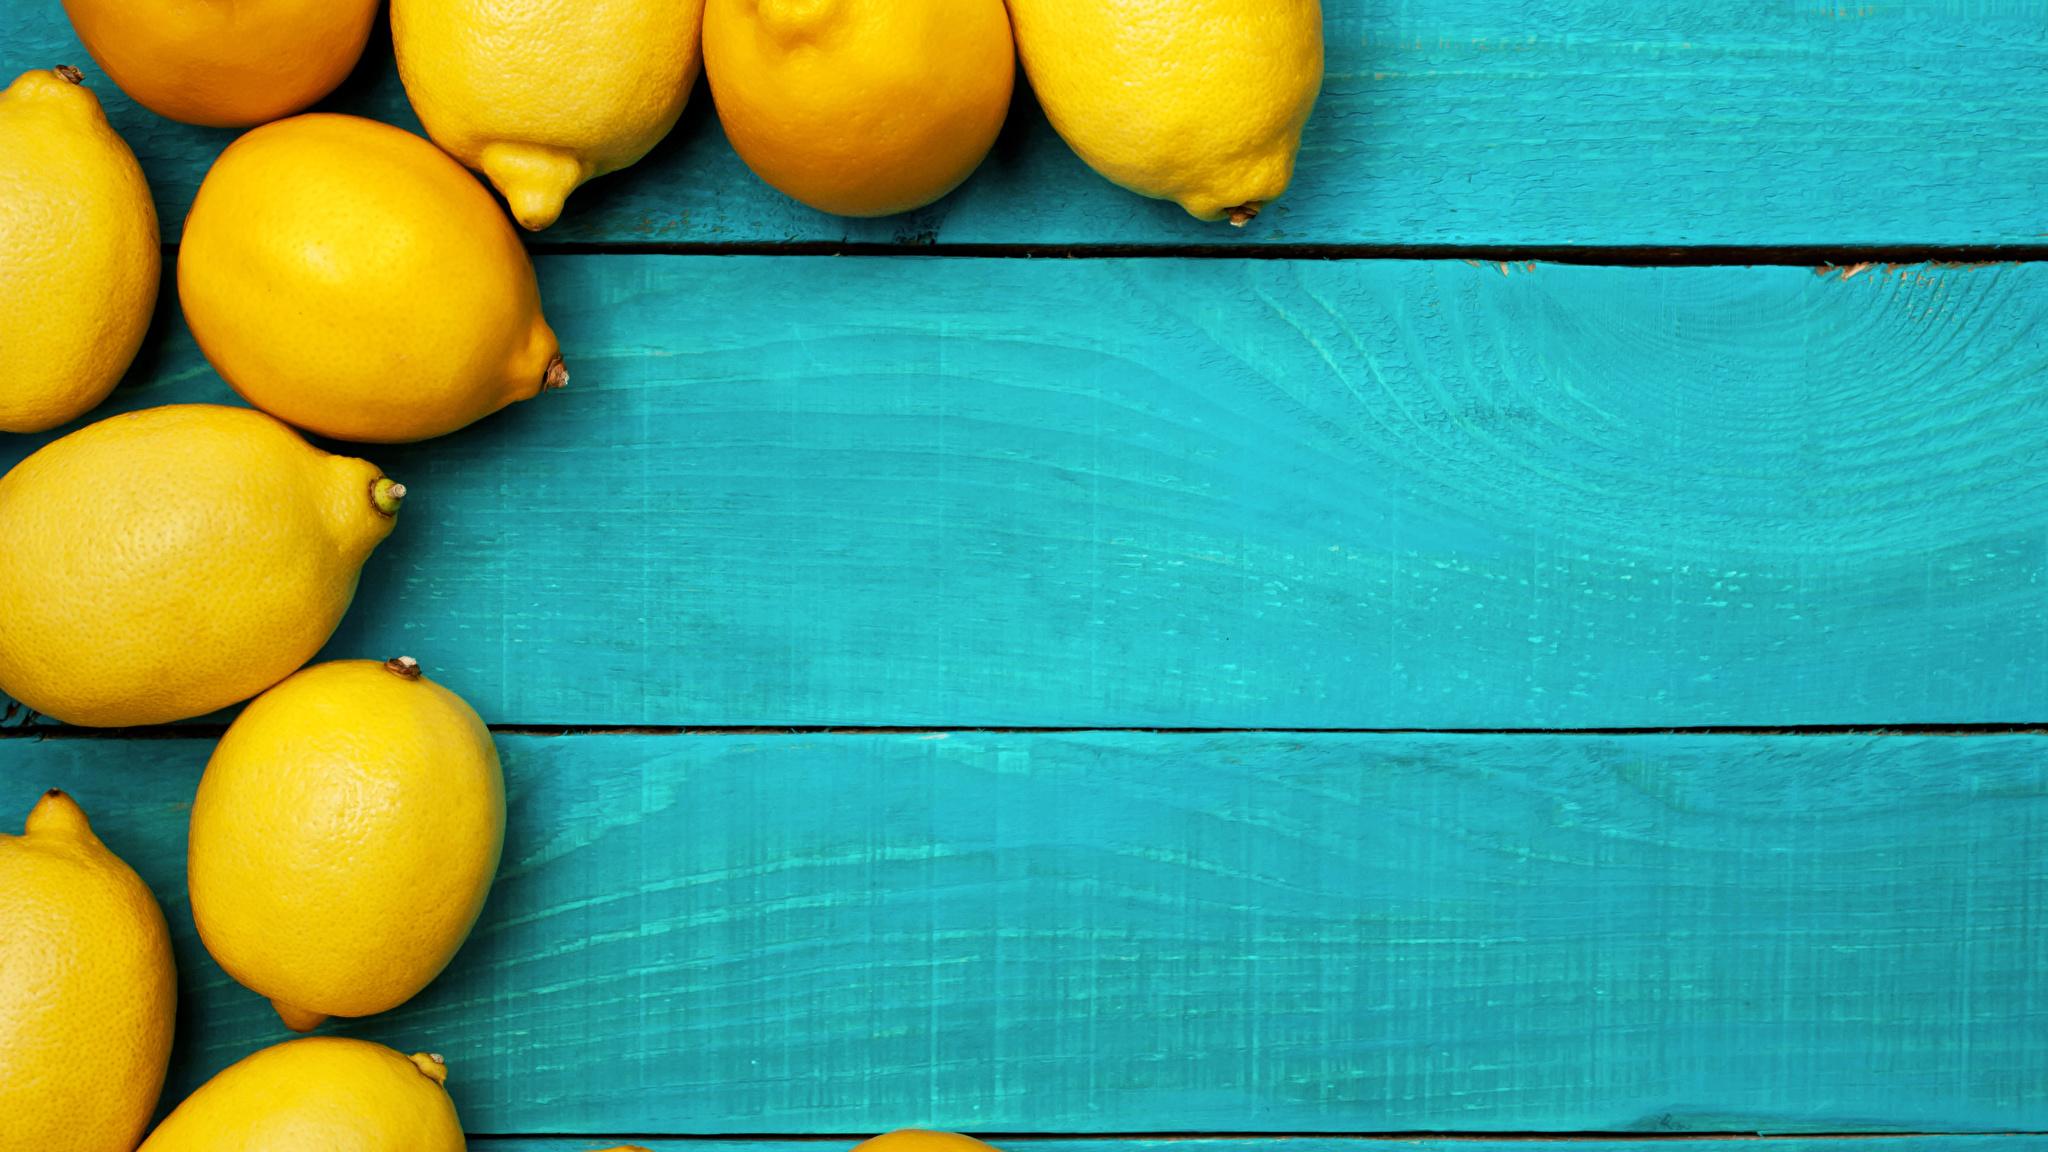 Foto Zitrone Lebensmittel Bretter 2048x1152